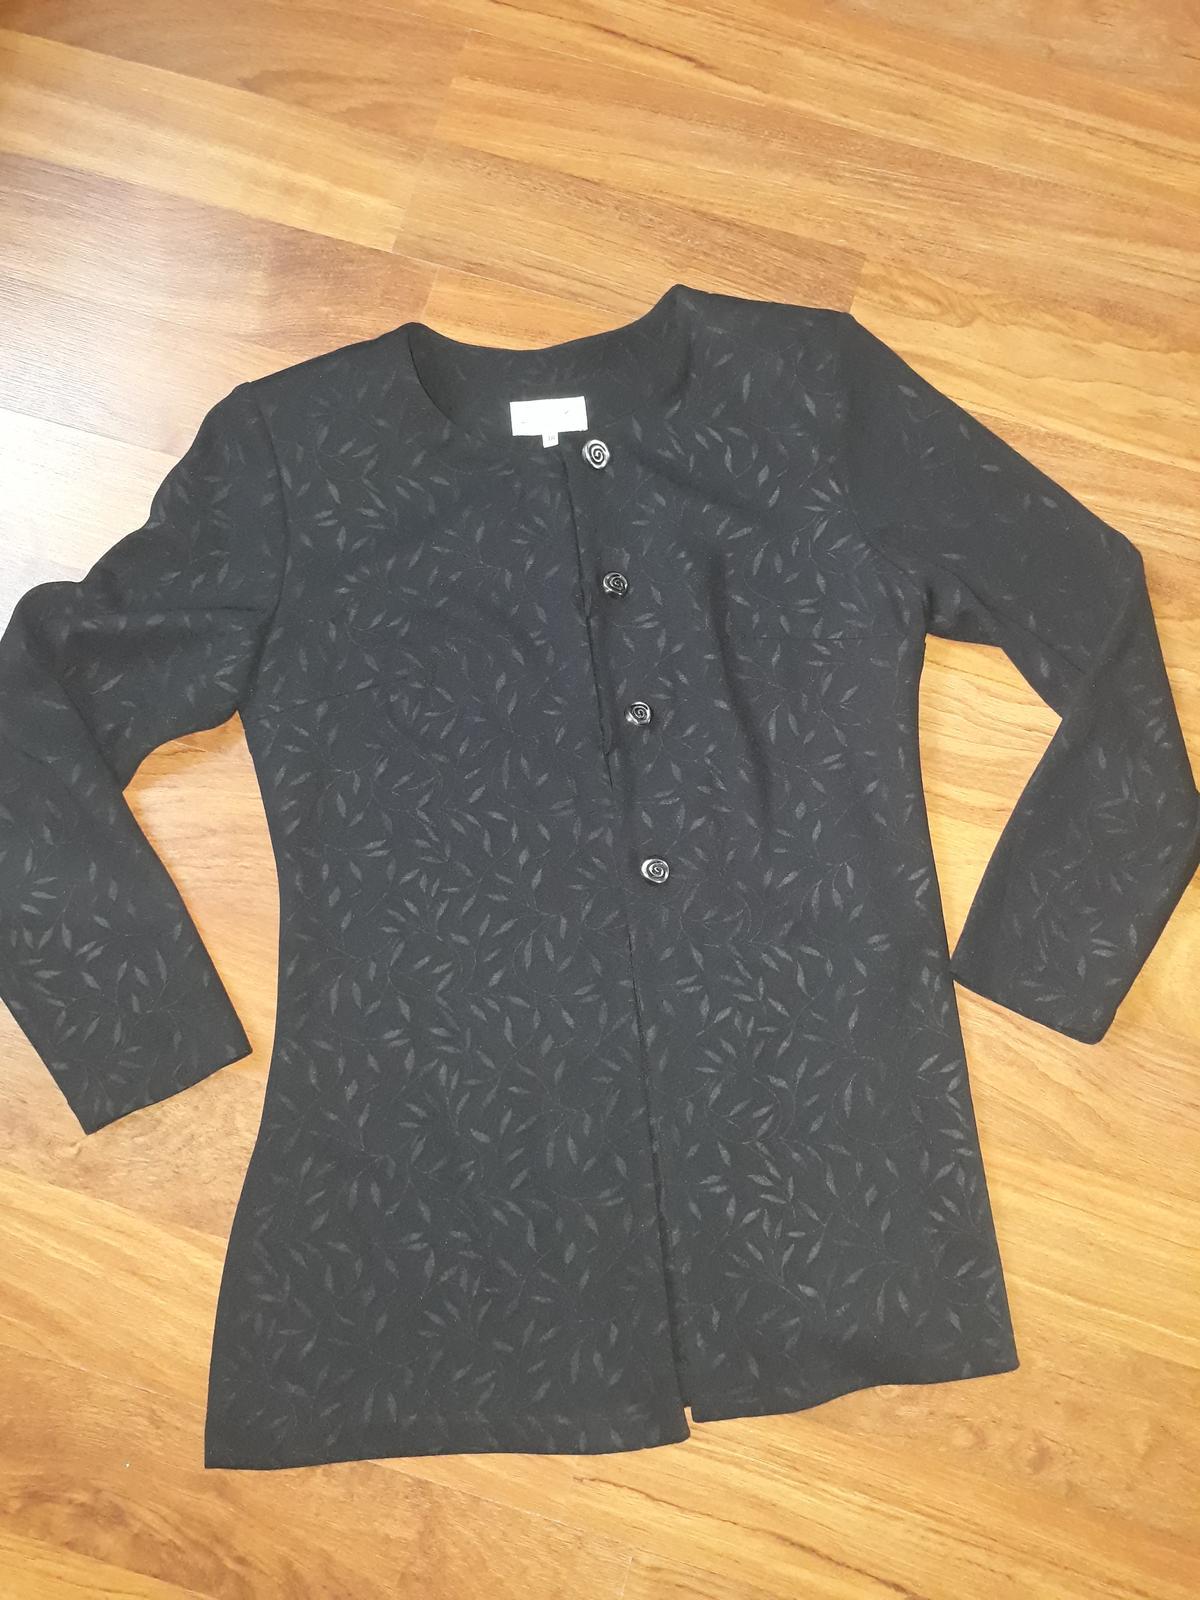 černý kabátek/sako se vzorem, vel 38 - Obrázek č. 1